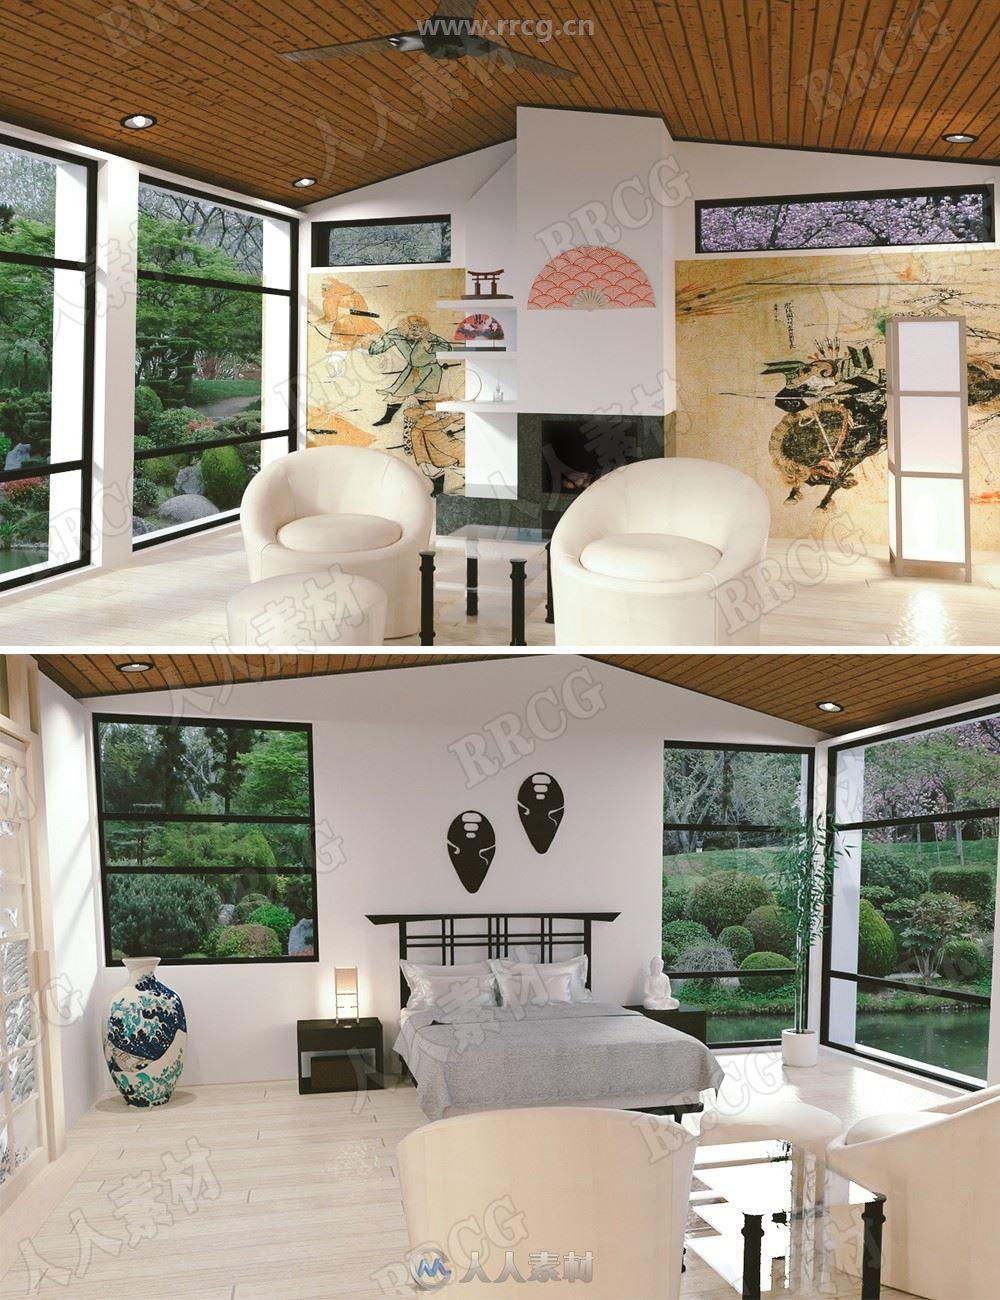 时尚简朴亚洲风格套房室内环境大量道具装饰3D模型合集